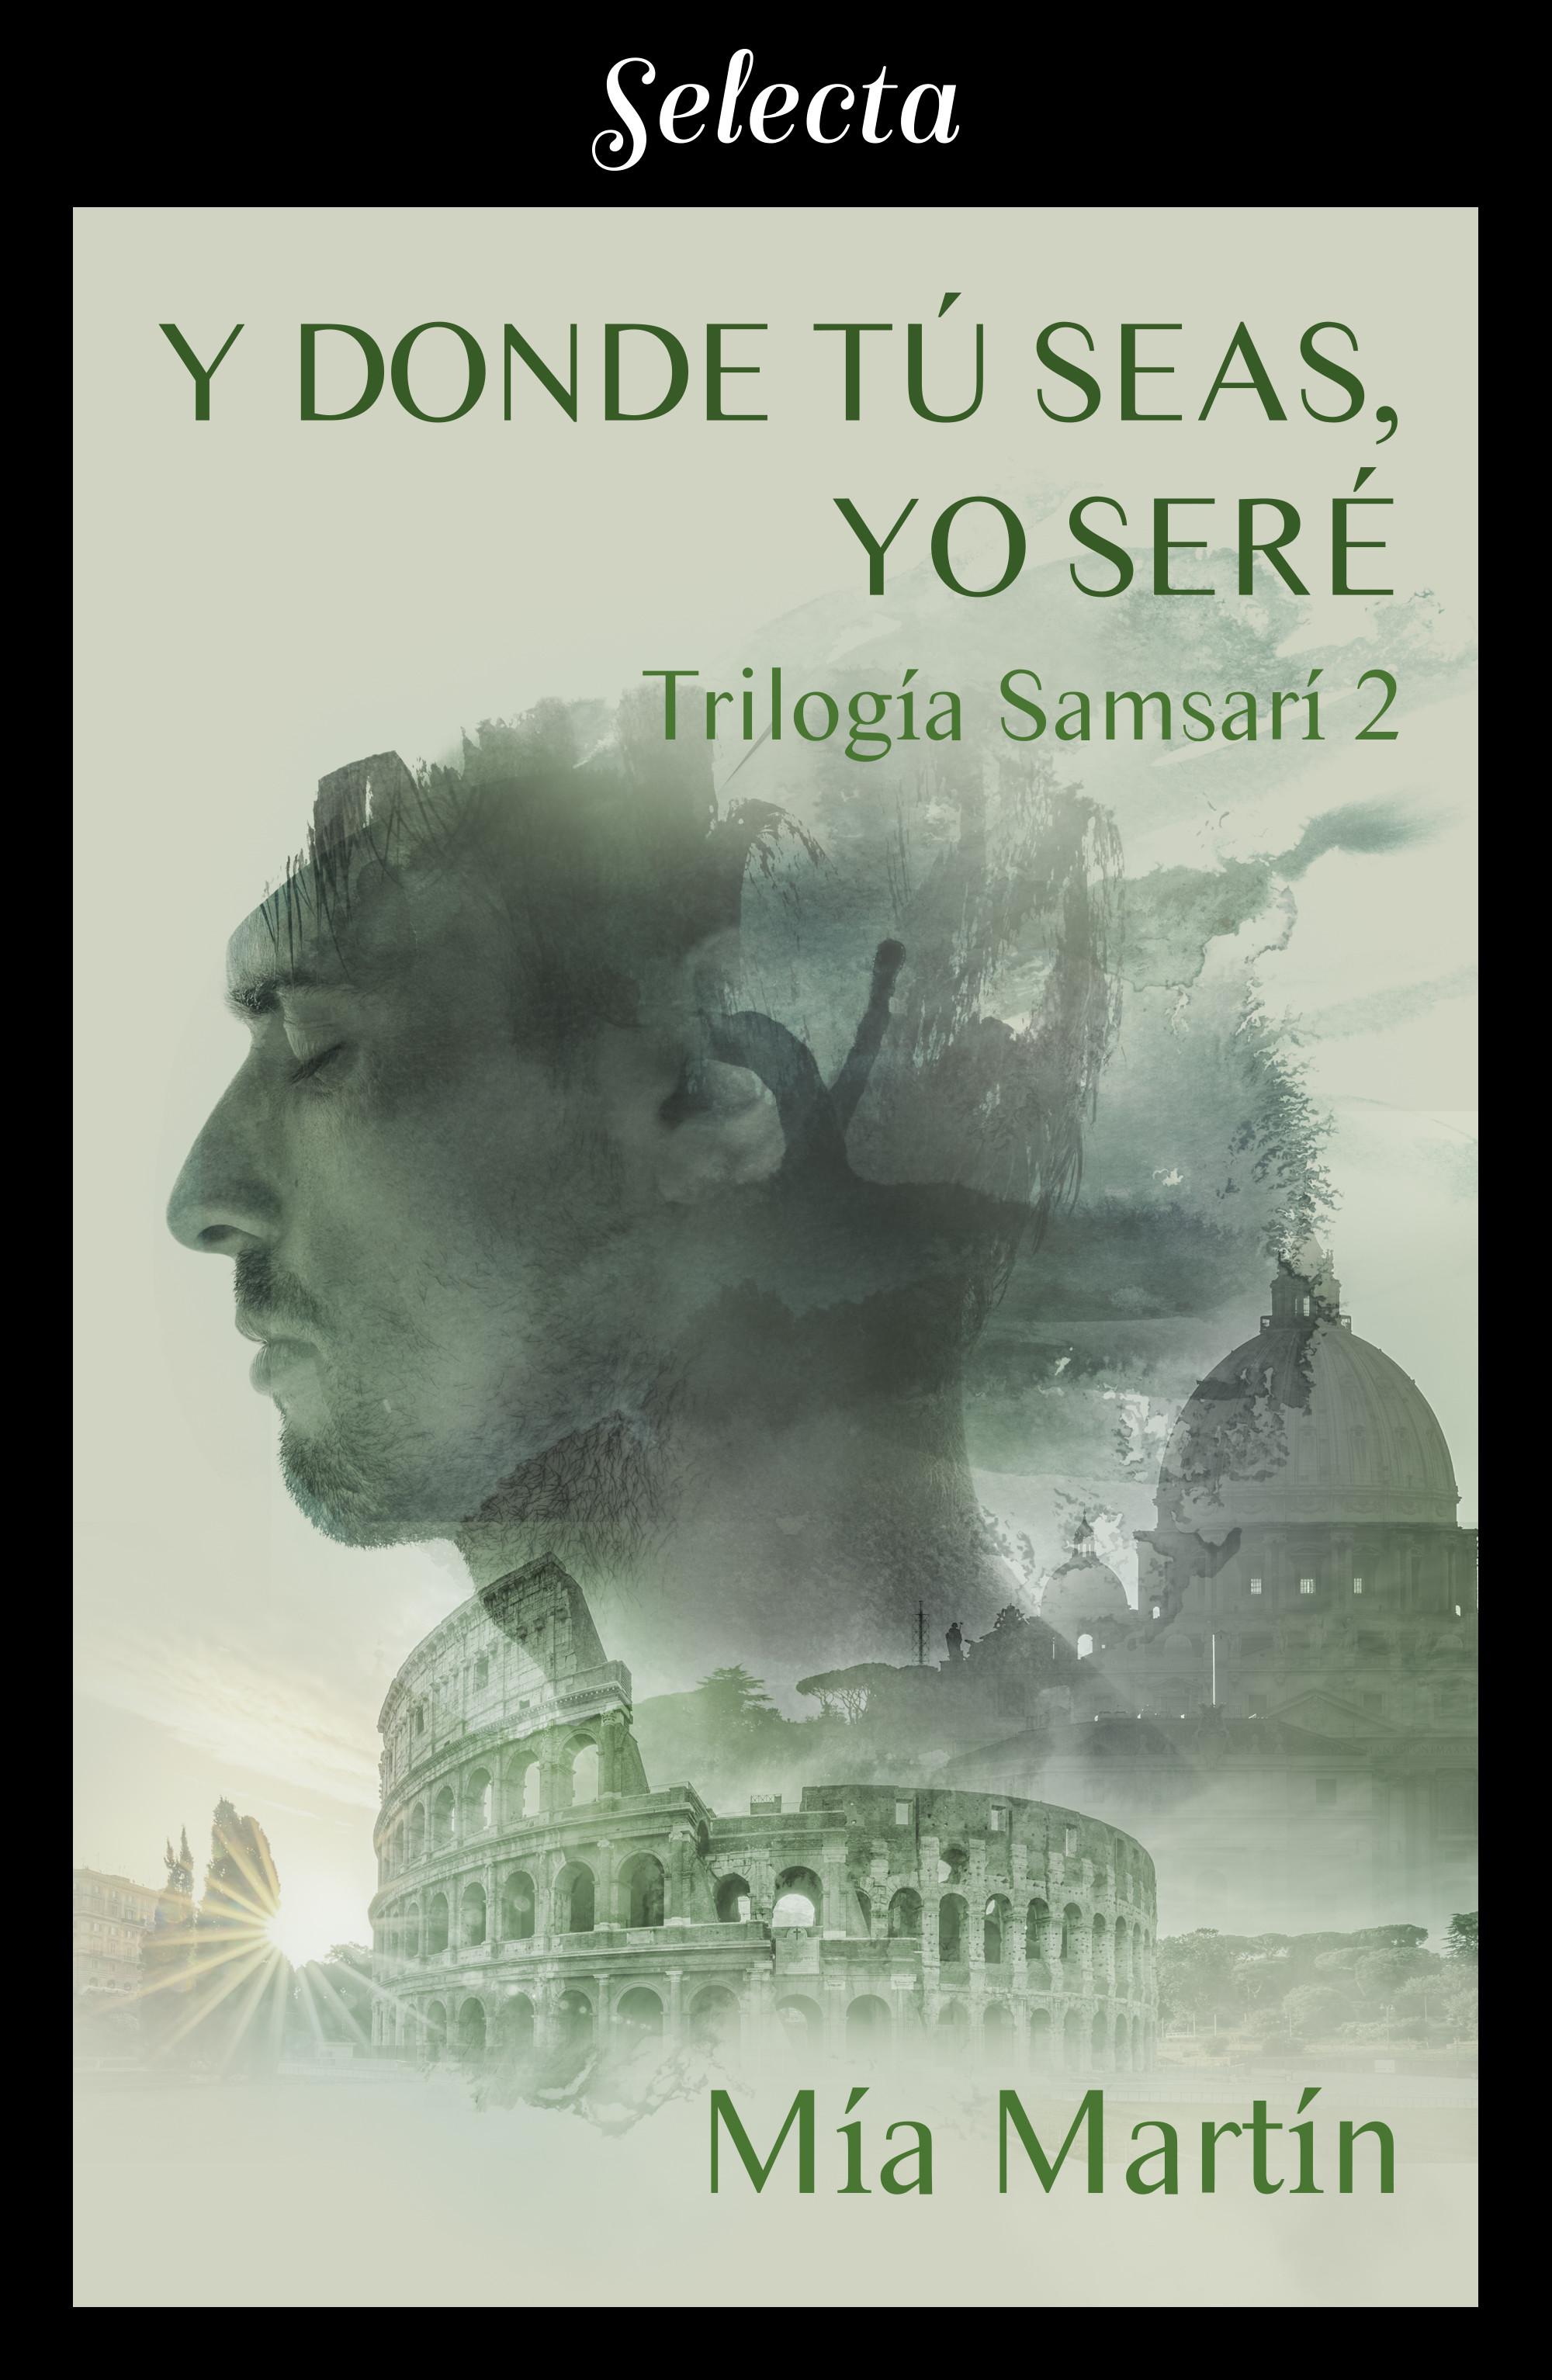 Y donde tú seas, yo seré (Trilogía Samsarí 2)